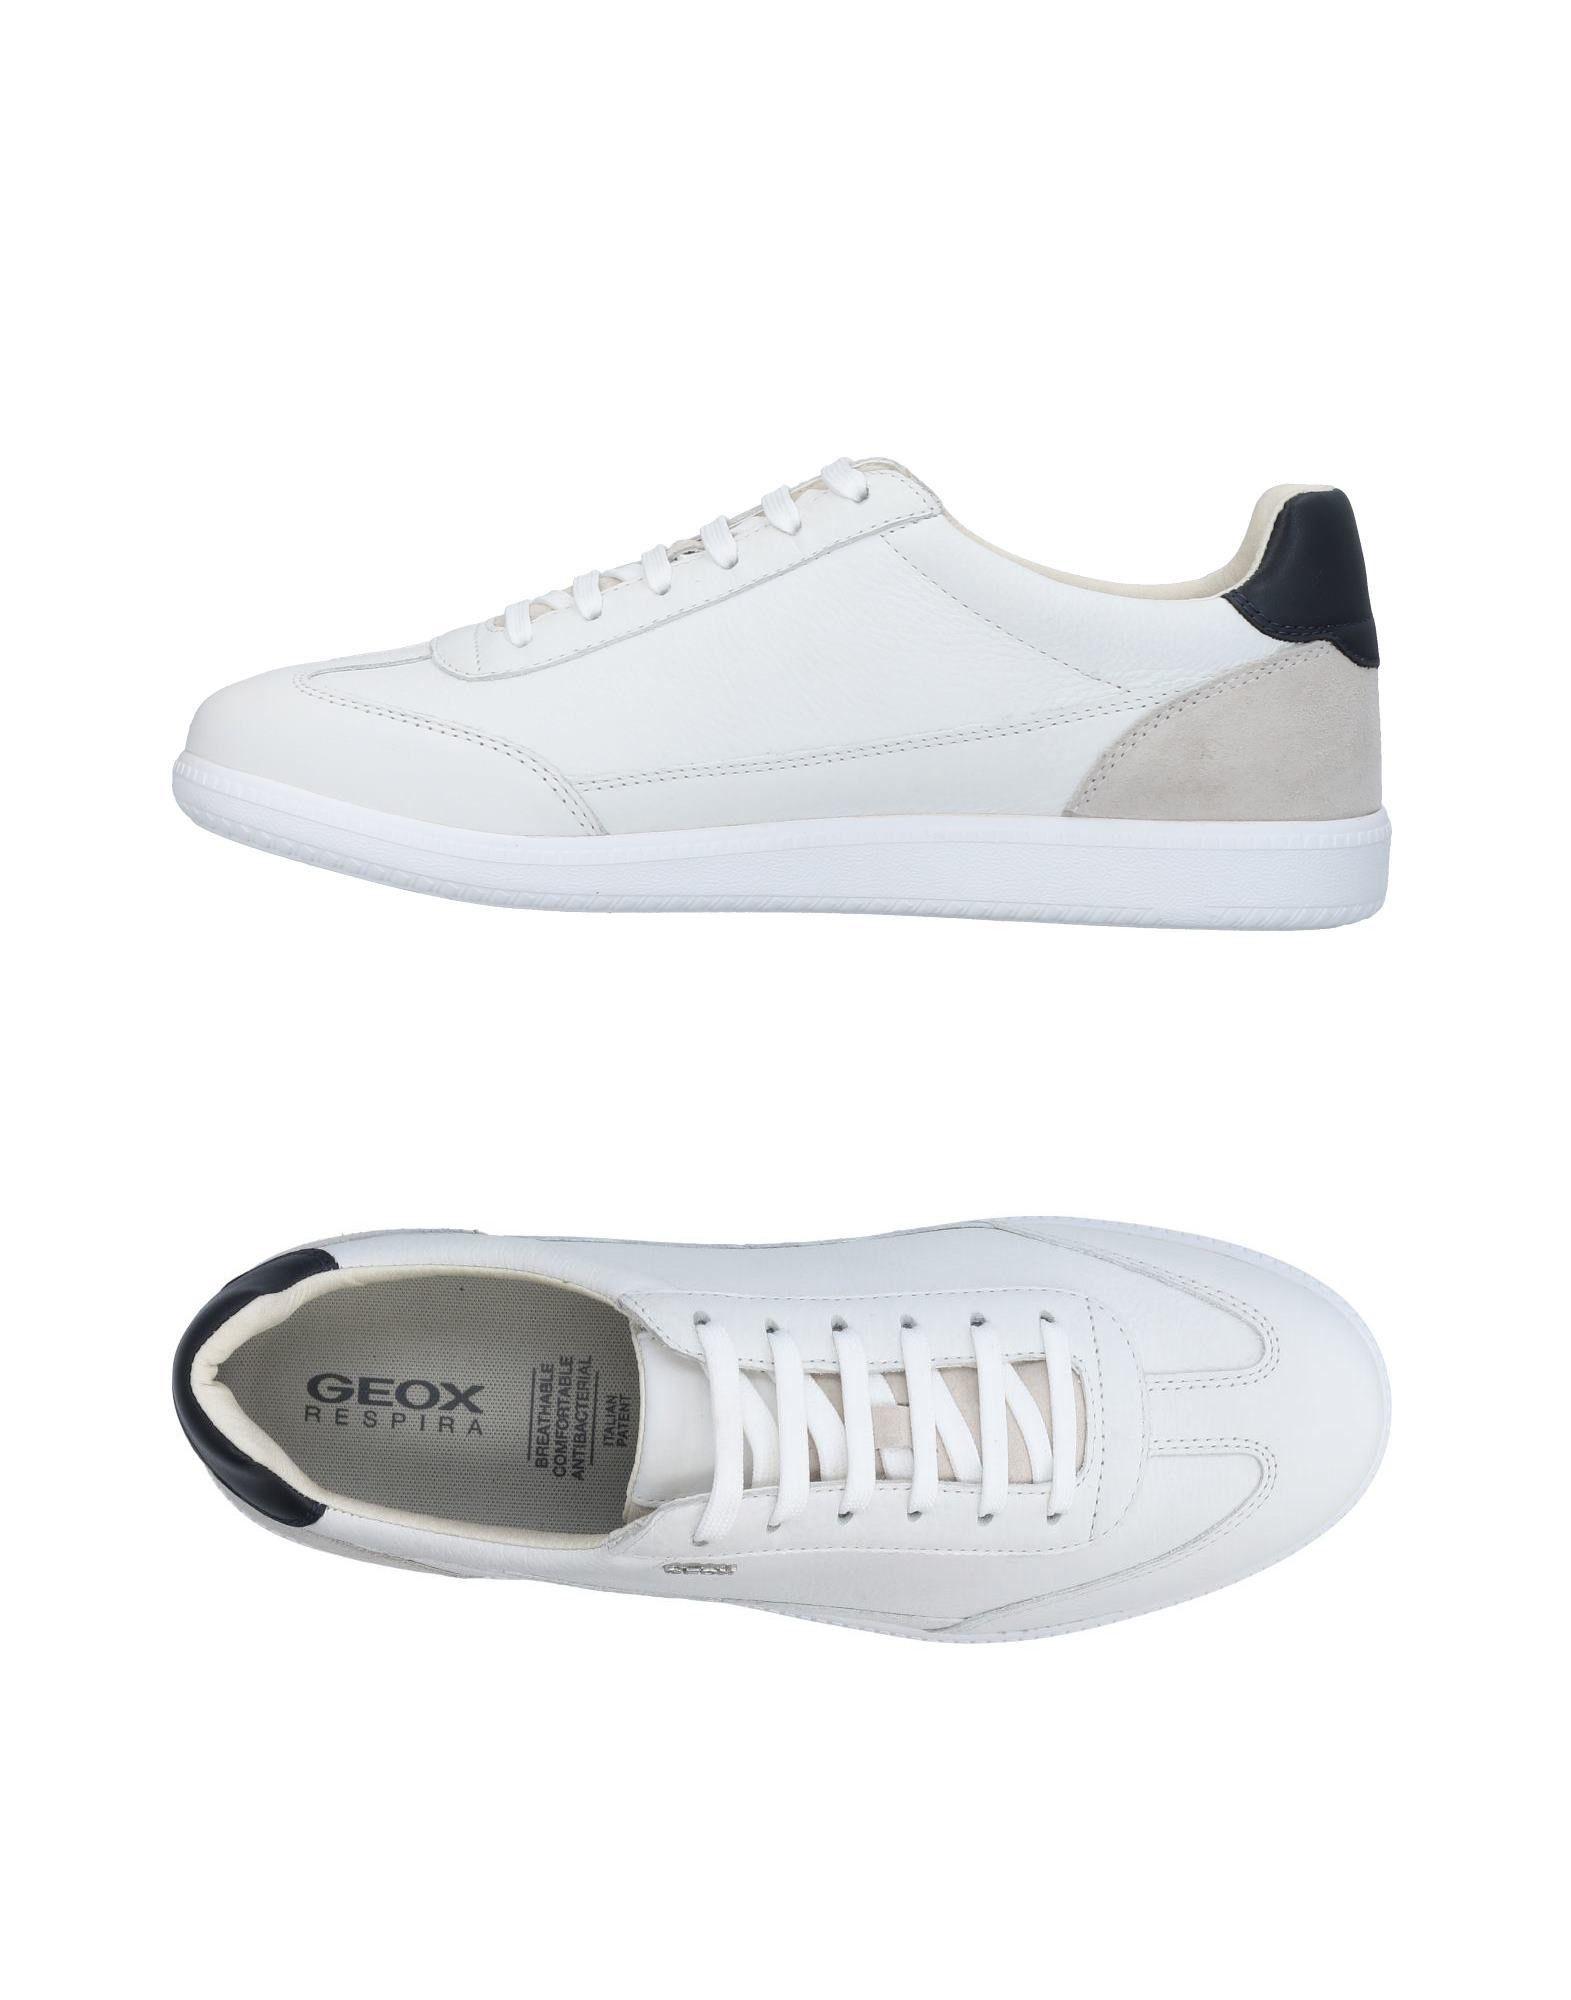 Sneakers Geox Homme - Sneakers Geox  Blanc Nouvelles chaussures pour hommes et femmes, remise limitée dans le temps